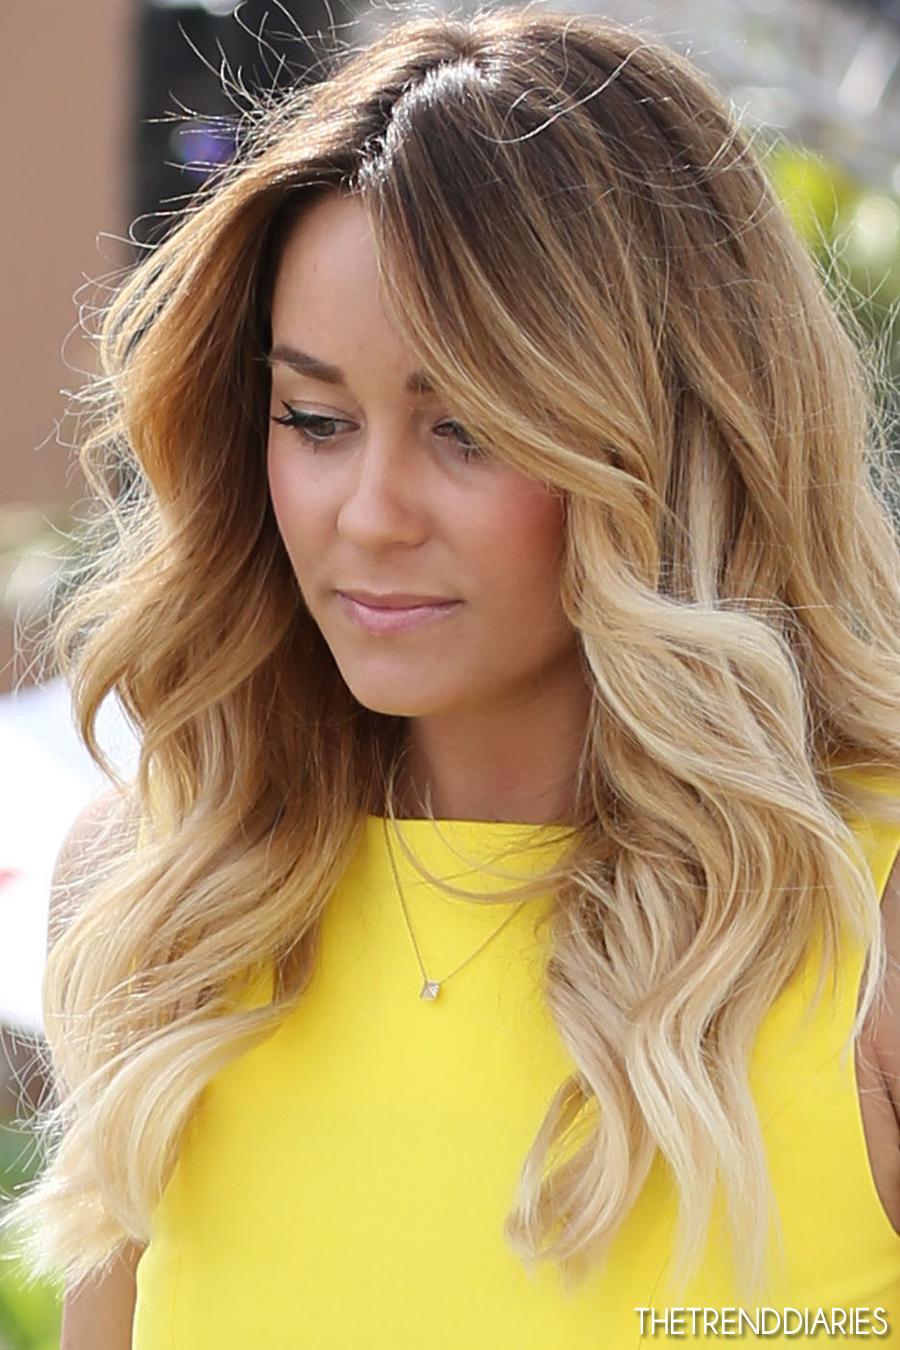 Хайлайтинг с эффектом омбре - при таком окрашивании прикорневая зона волос остается натурального...